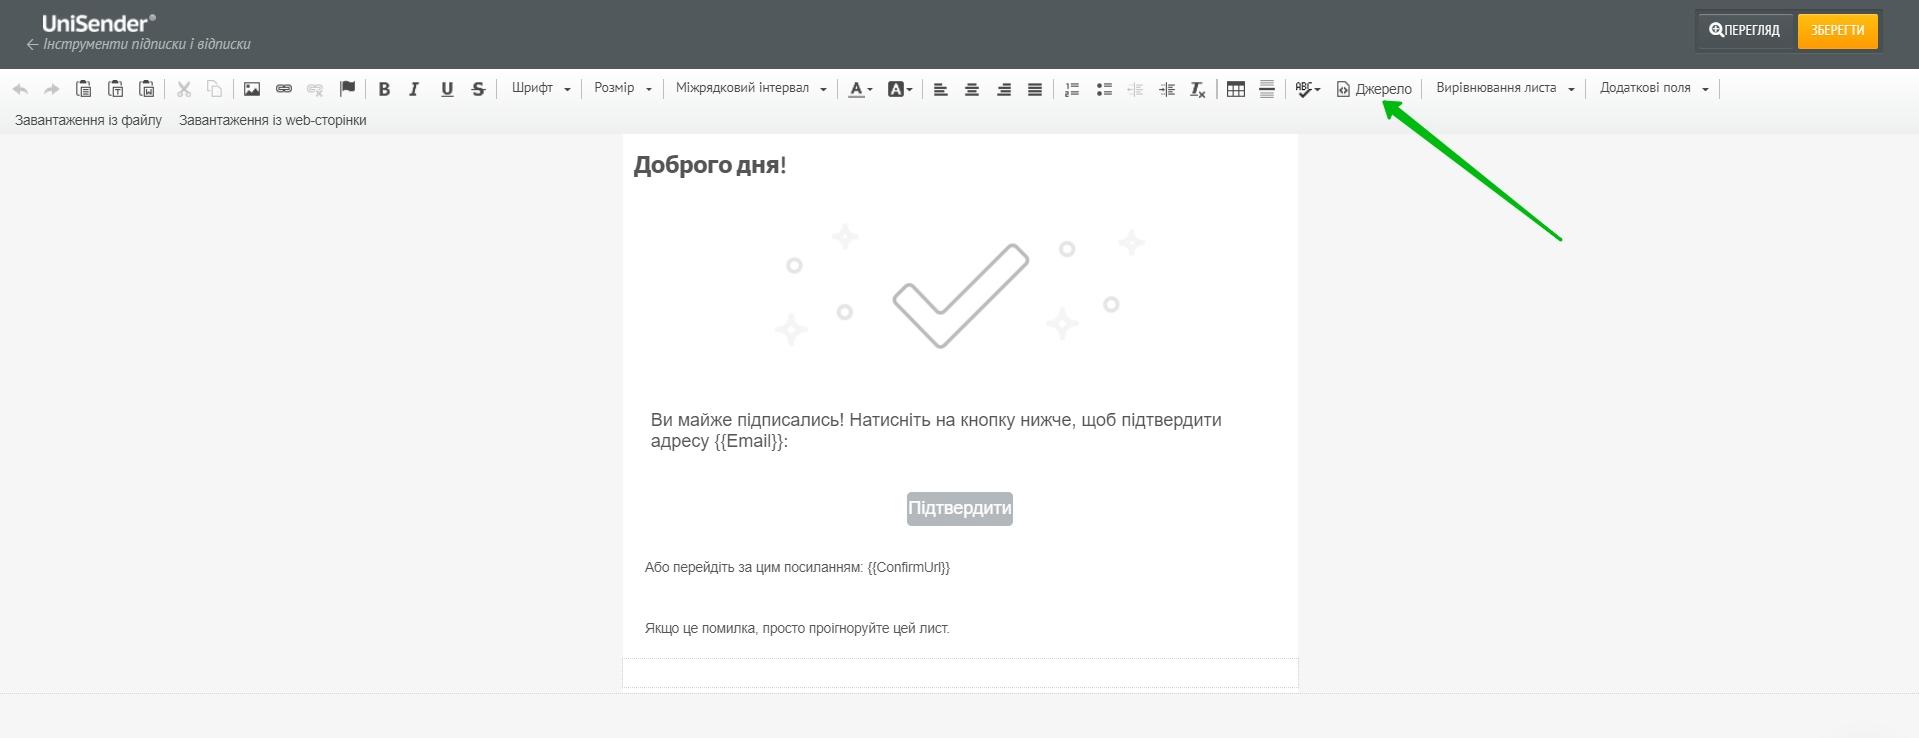 Основні зміни в HTML-редакторі створюються на вкладці «Джерело»